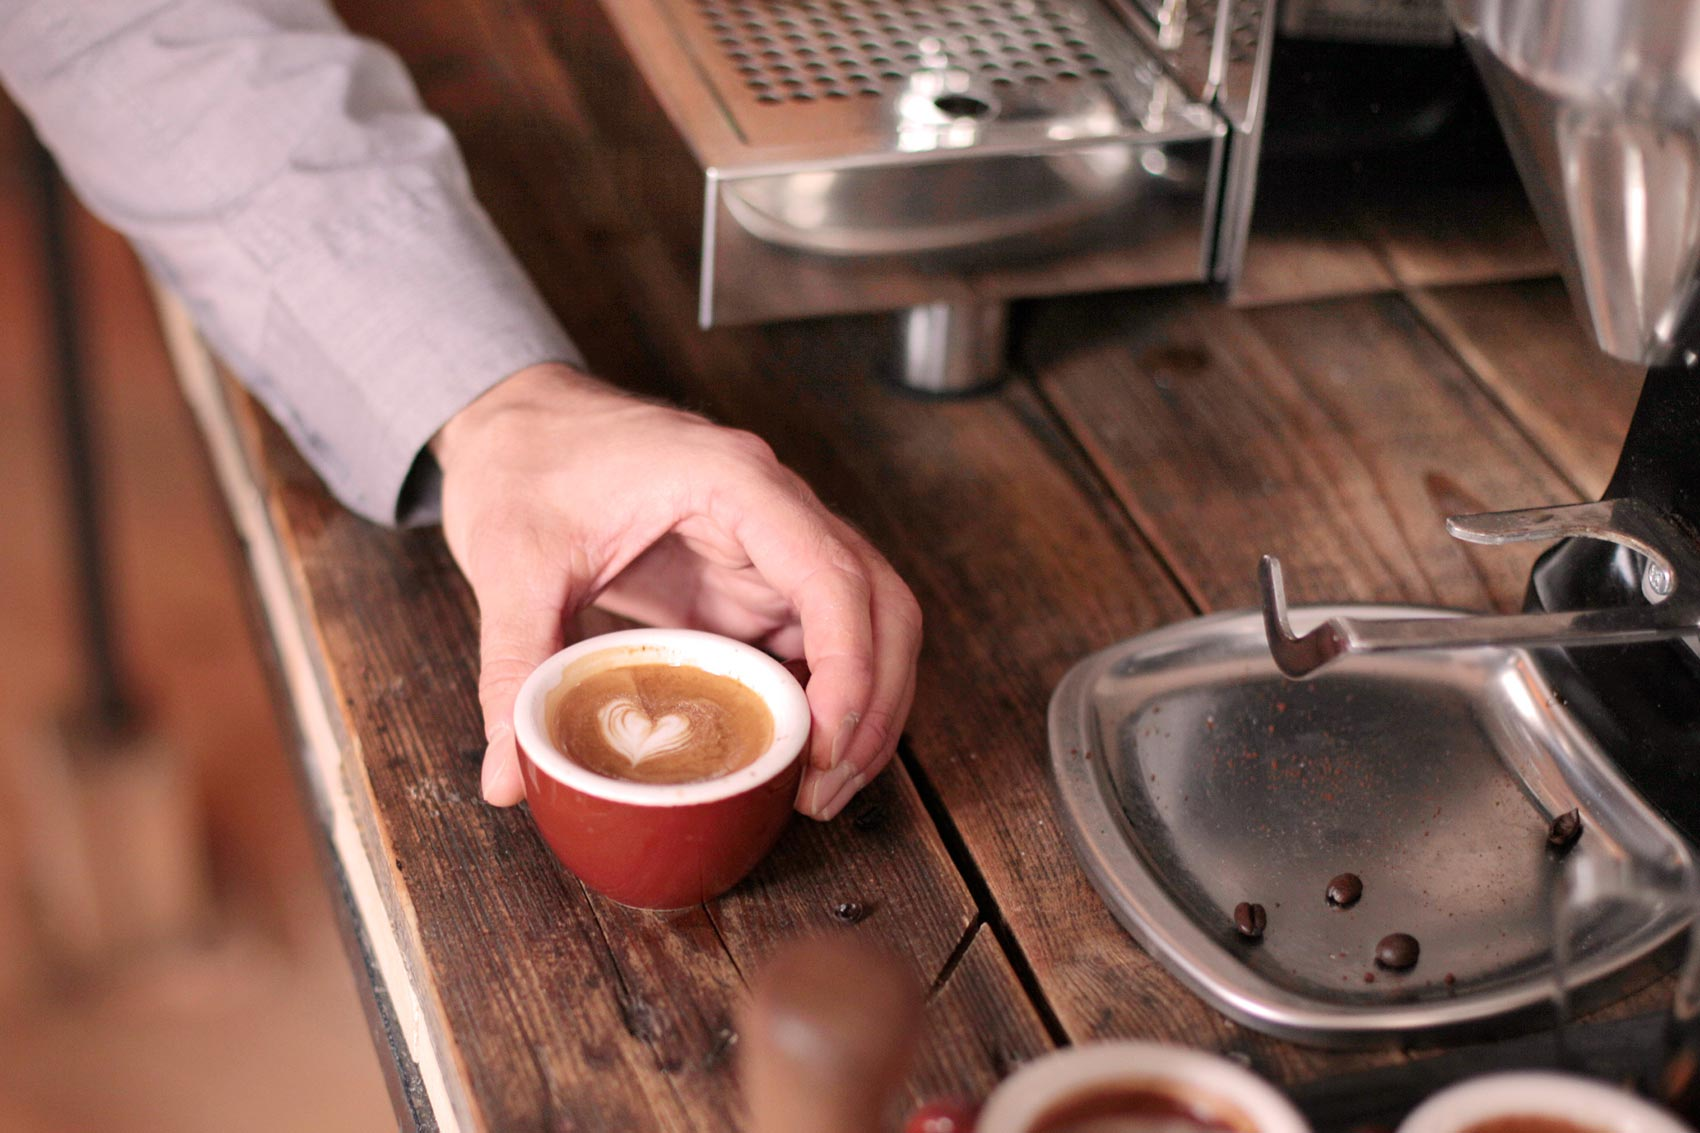 Kaffee ist Gourmet. Nur aufregender.